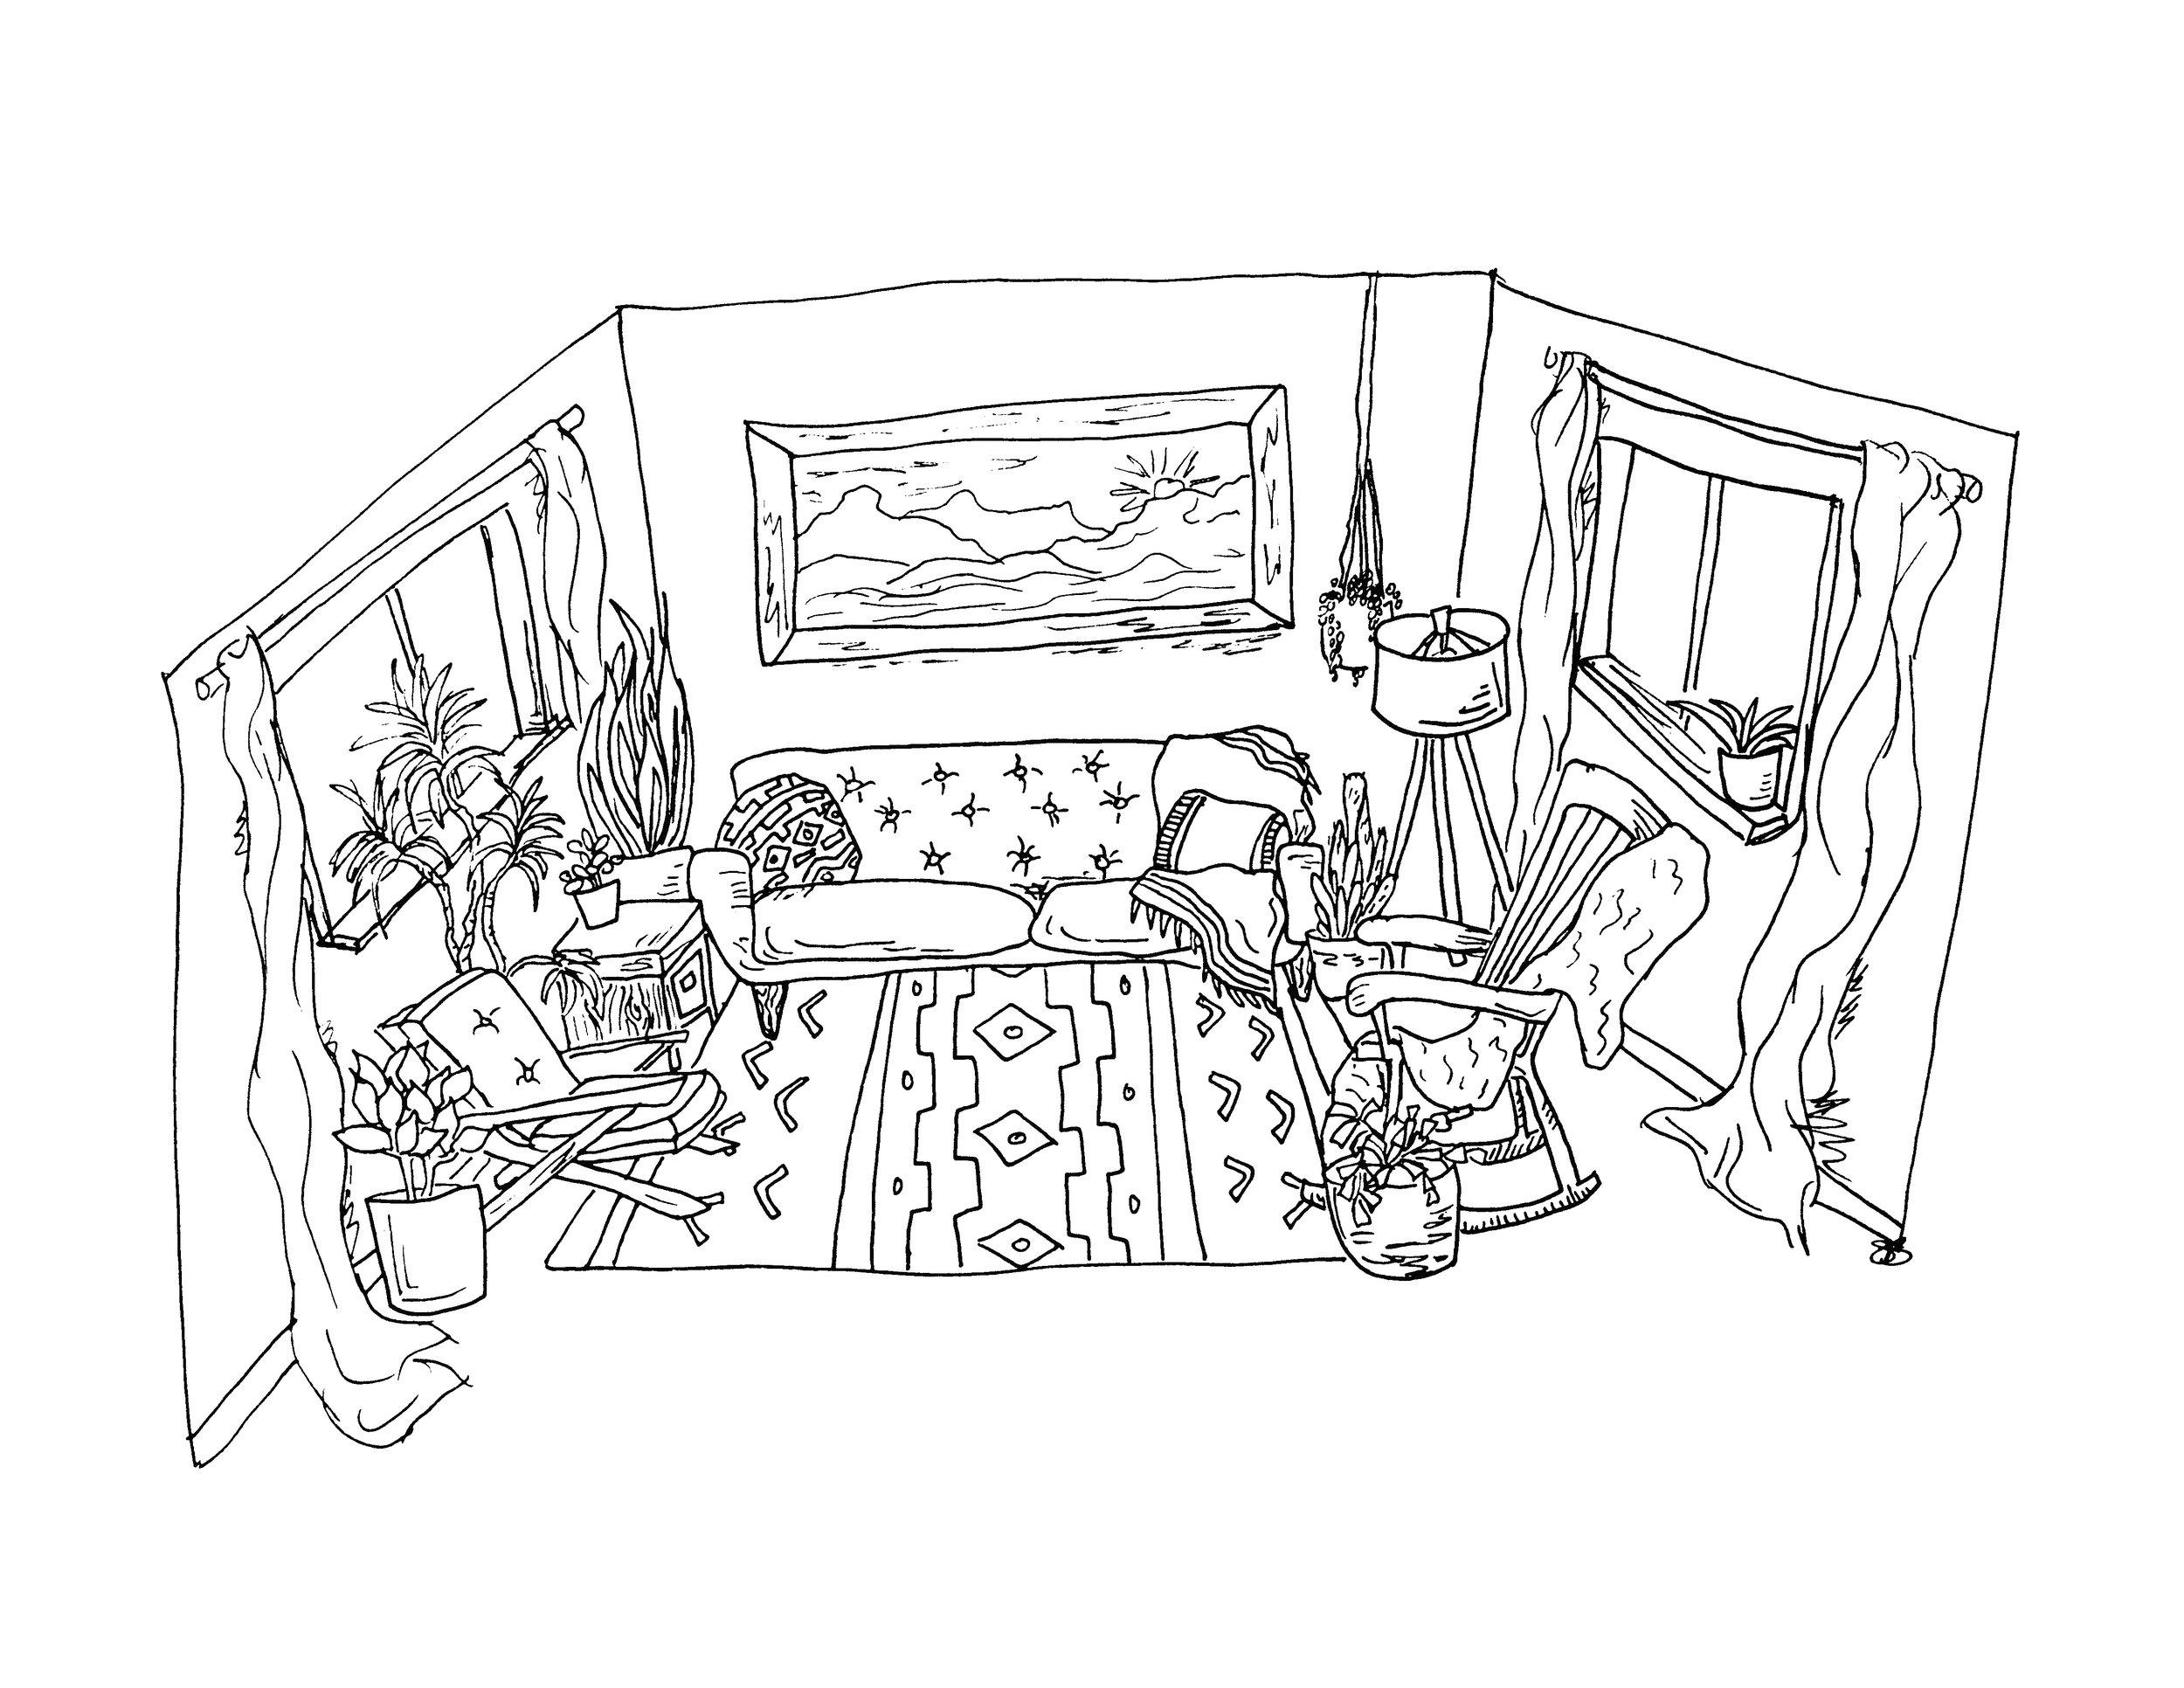 LivingRoomIllustration.jpg